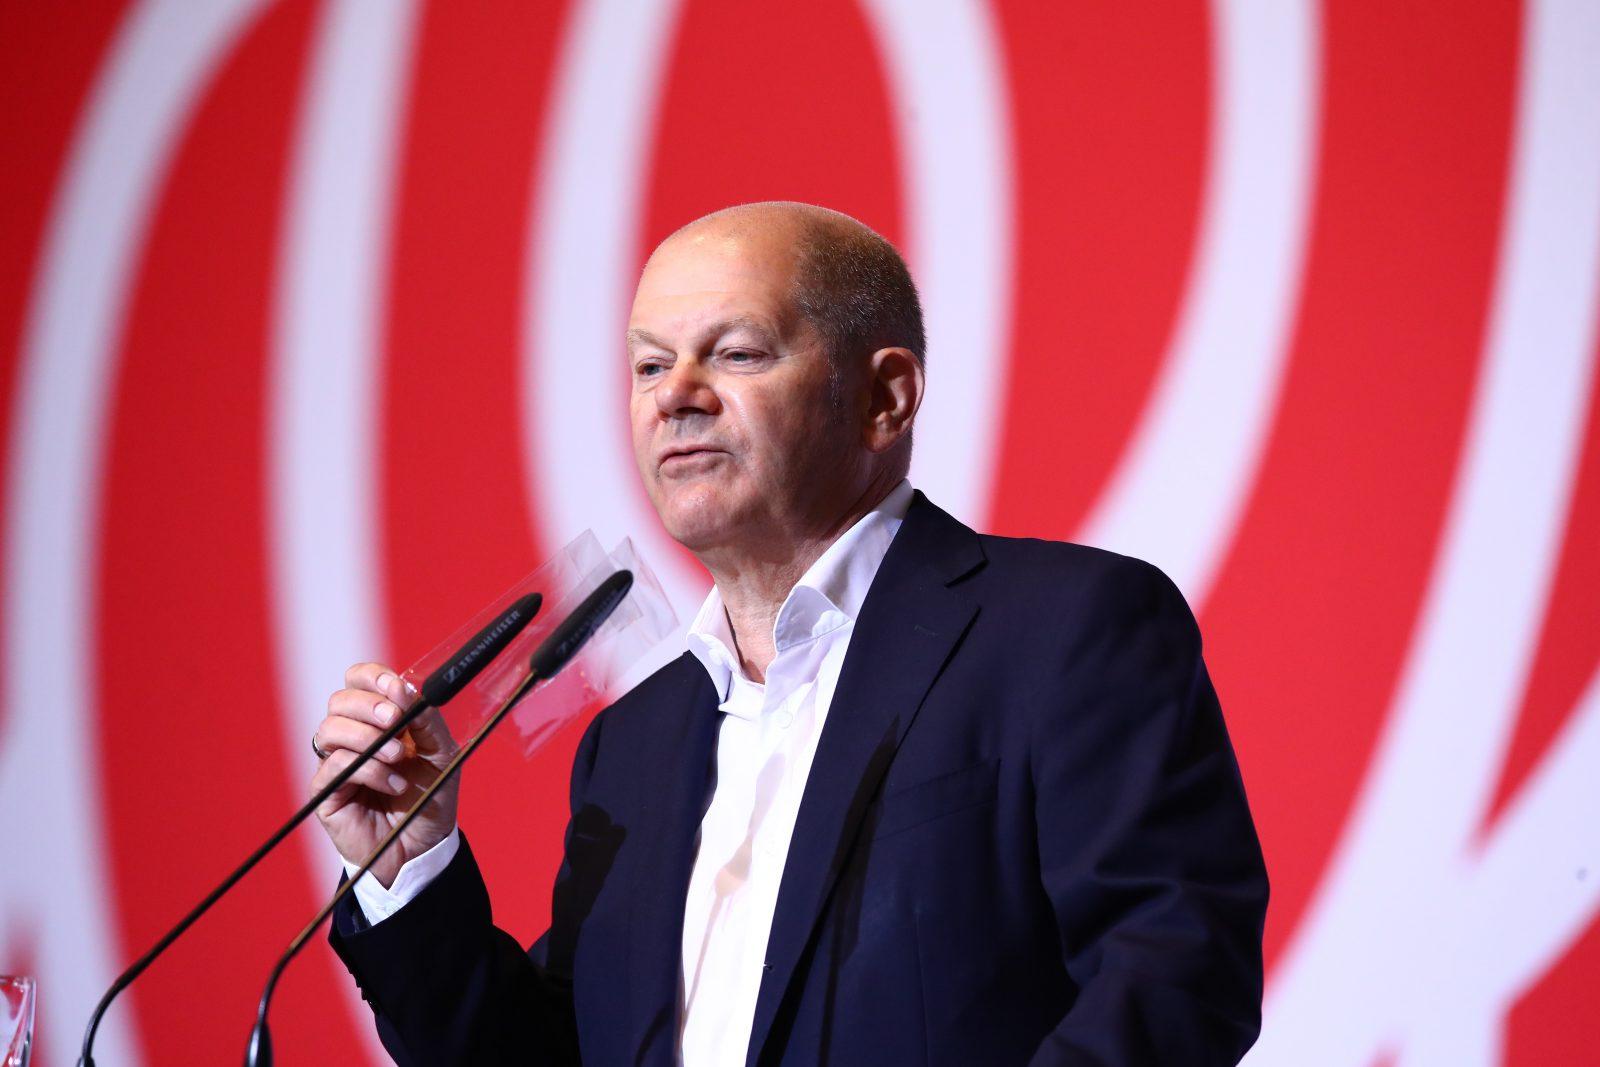 Vizekanzler Olaf Scholz (SPD) kritisiert die Wahl des AfD-Politikers mit den Stimmen der anderen Parteien Foto: picture alliance/Bodo Schackow/dpa-Zentralbild/dpa